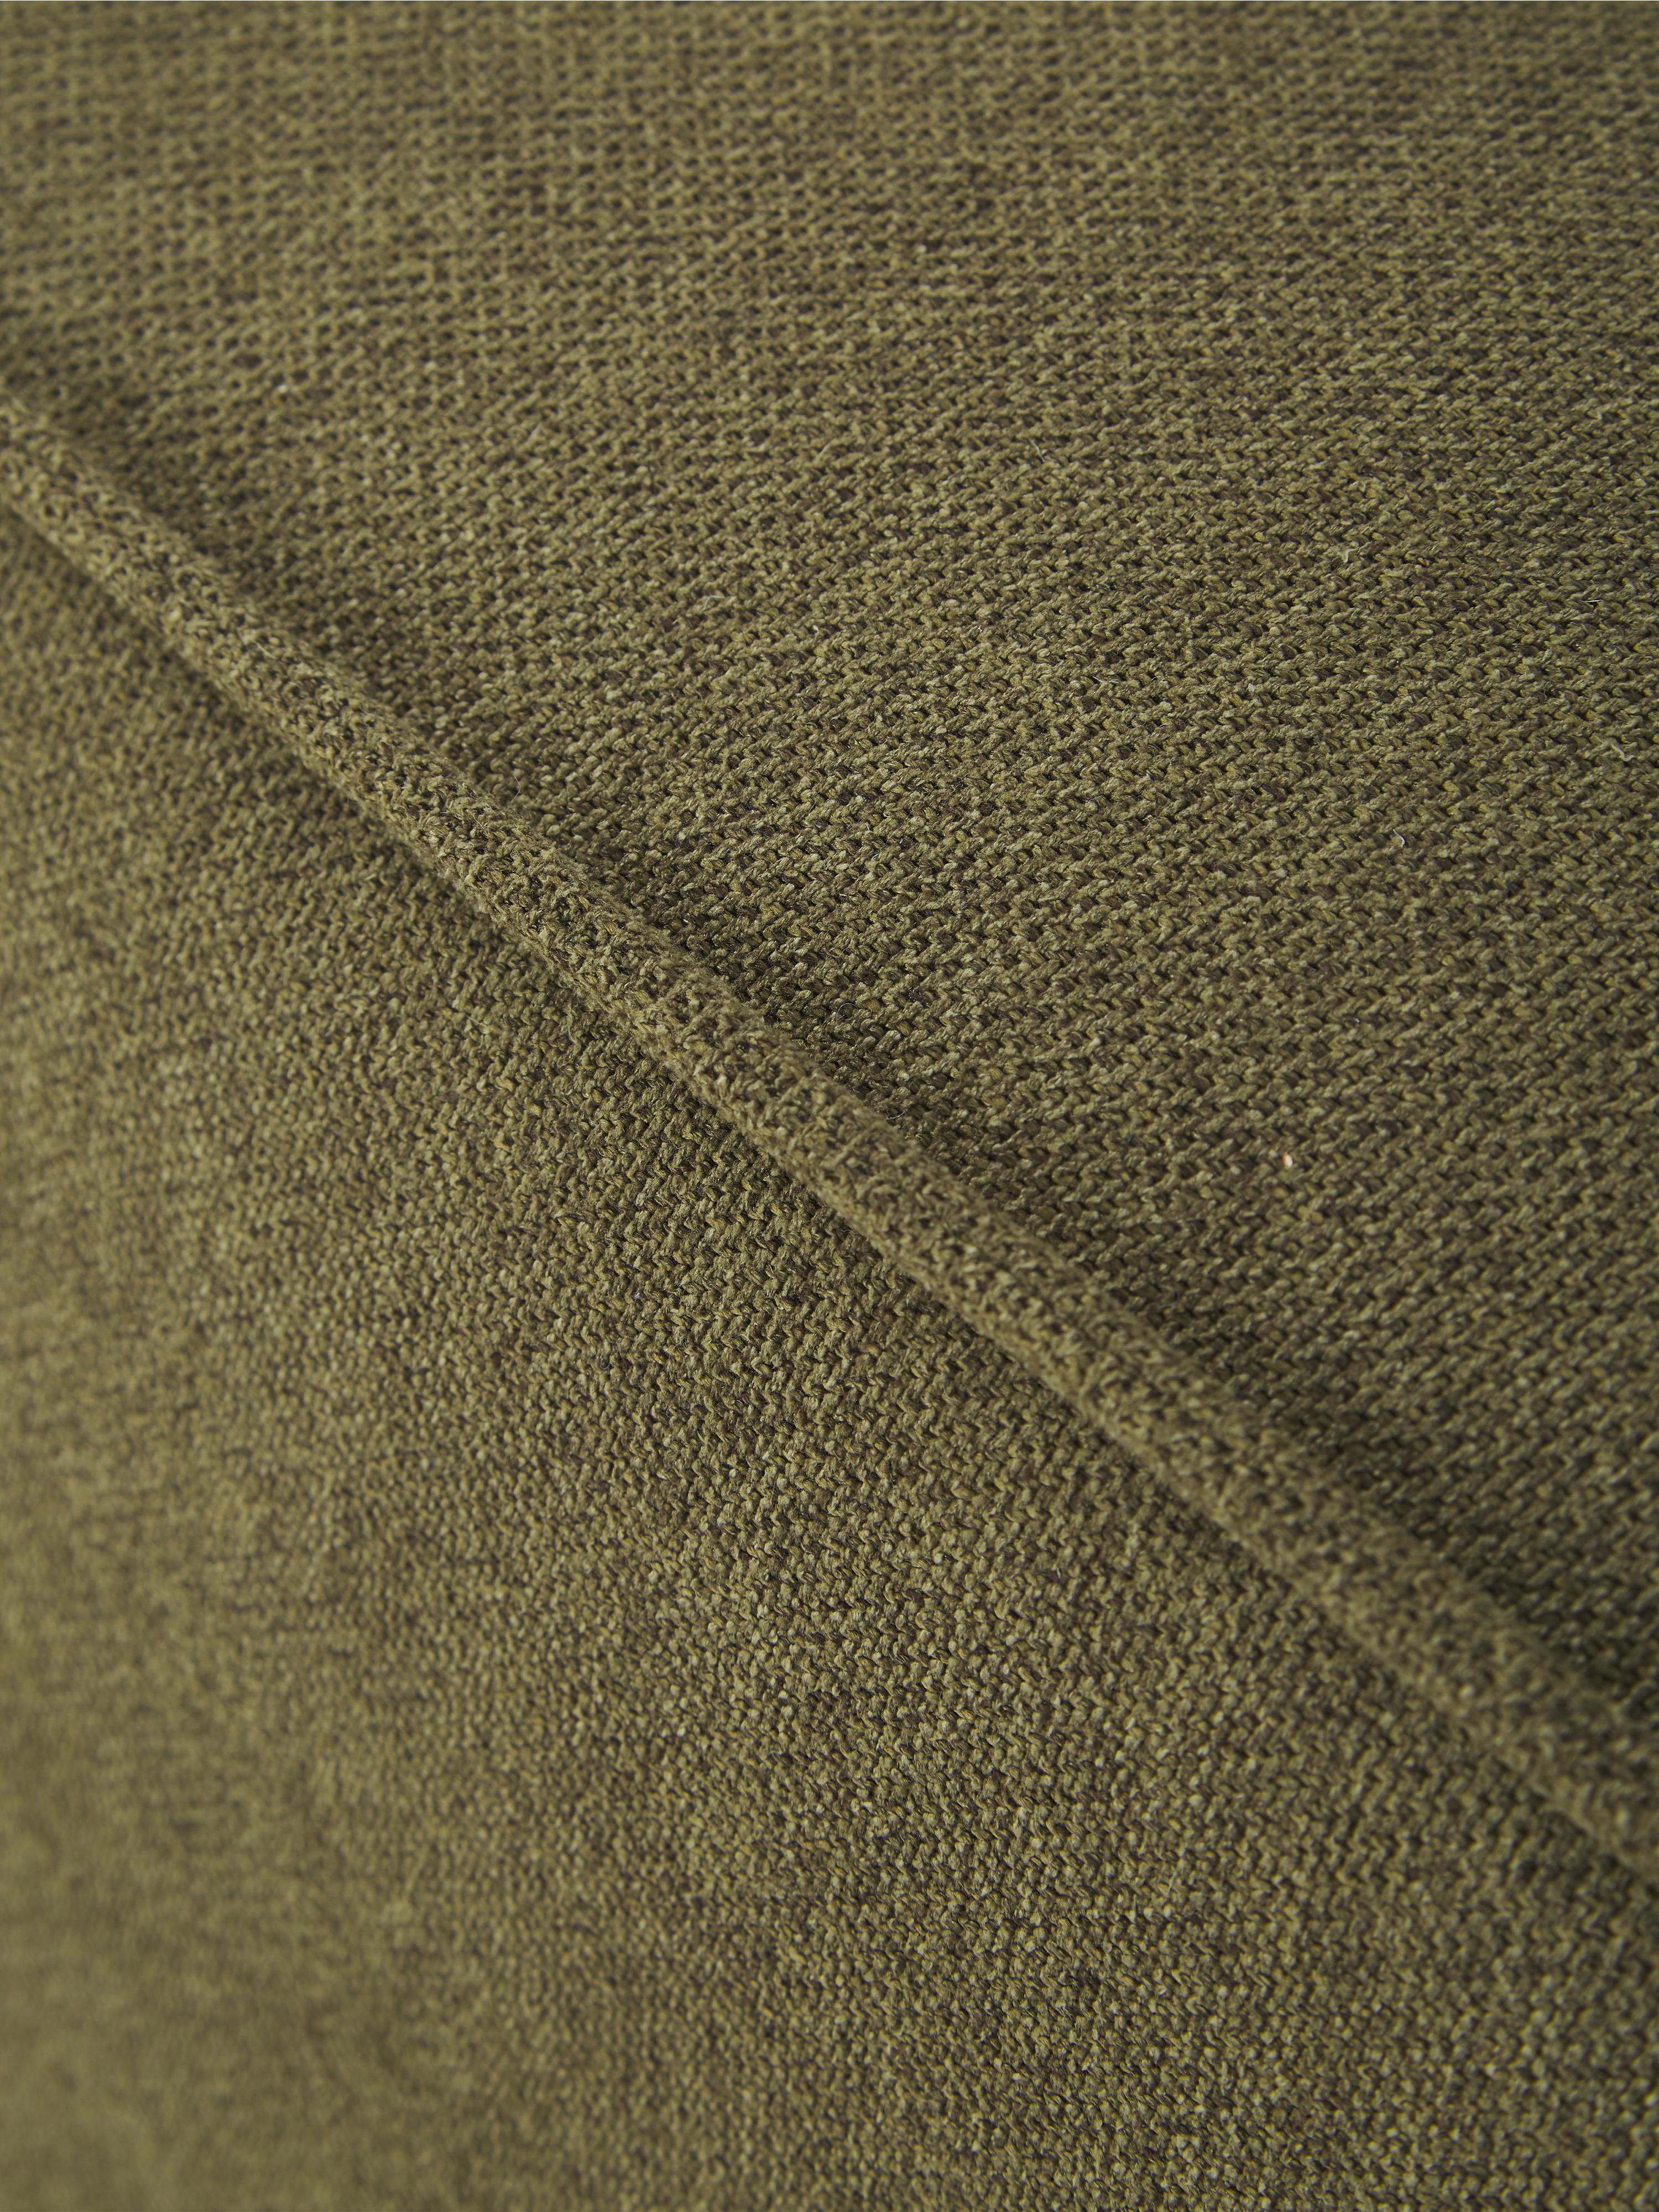 Divano componibile in tessuto verde Lennon, Rivestimento: 100% poliestere 35.000 ci, Struttura: legno di pino massiccio, , Piedini: materiale sintetico, Tessuto verde, Larg. 269 x Prof. 119 cm